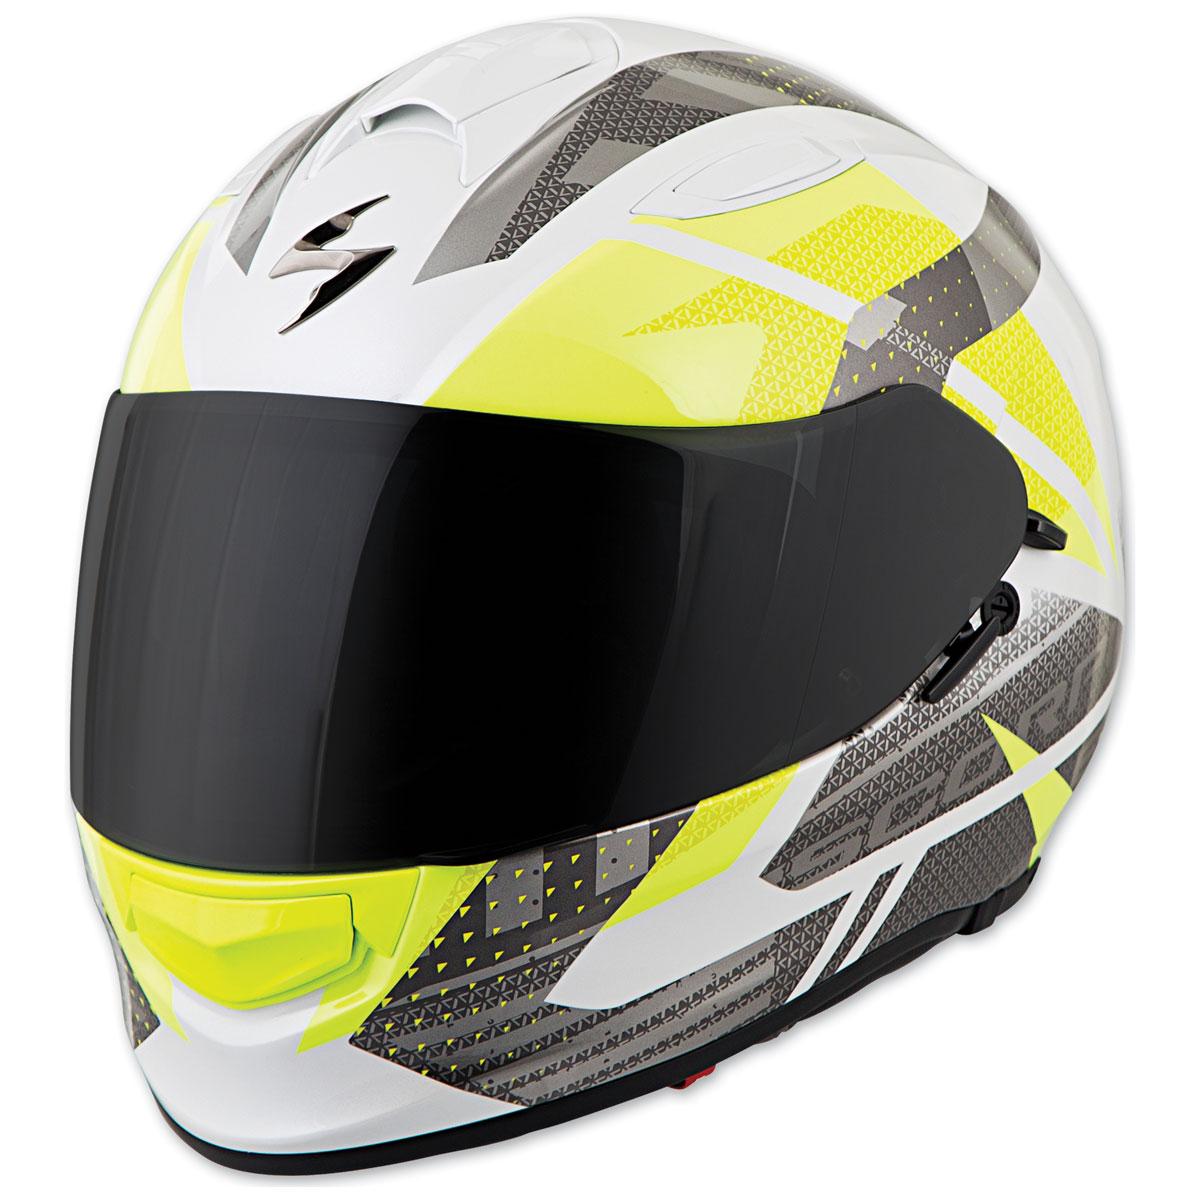 Scorpion EXO EXO-T510 Fury White/Silver Full Face Helmet